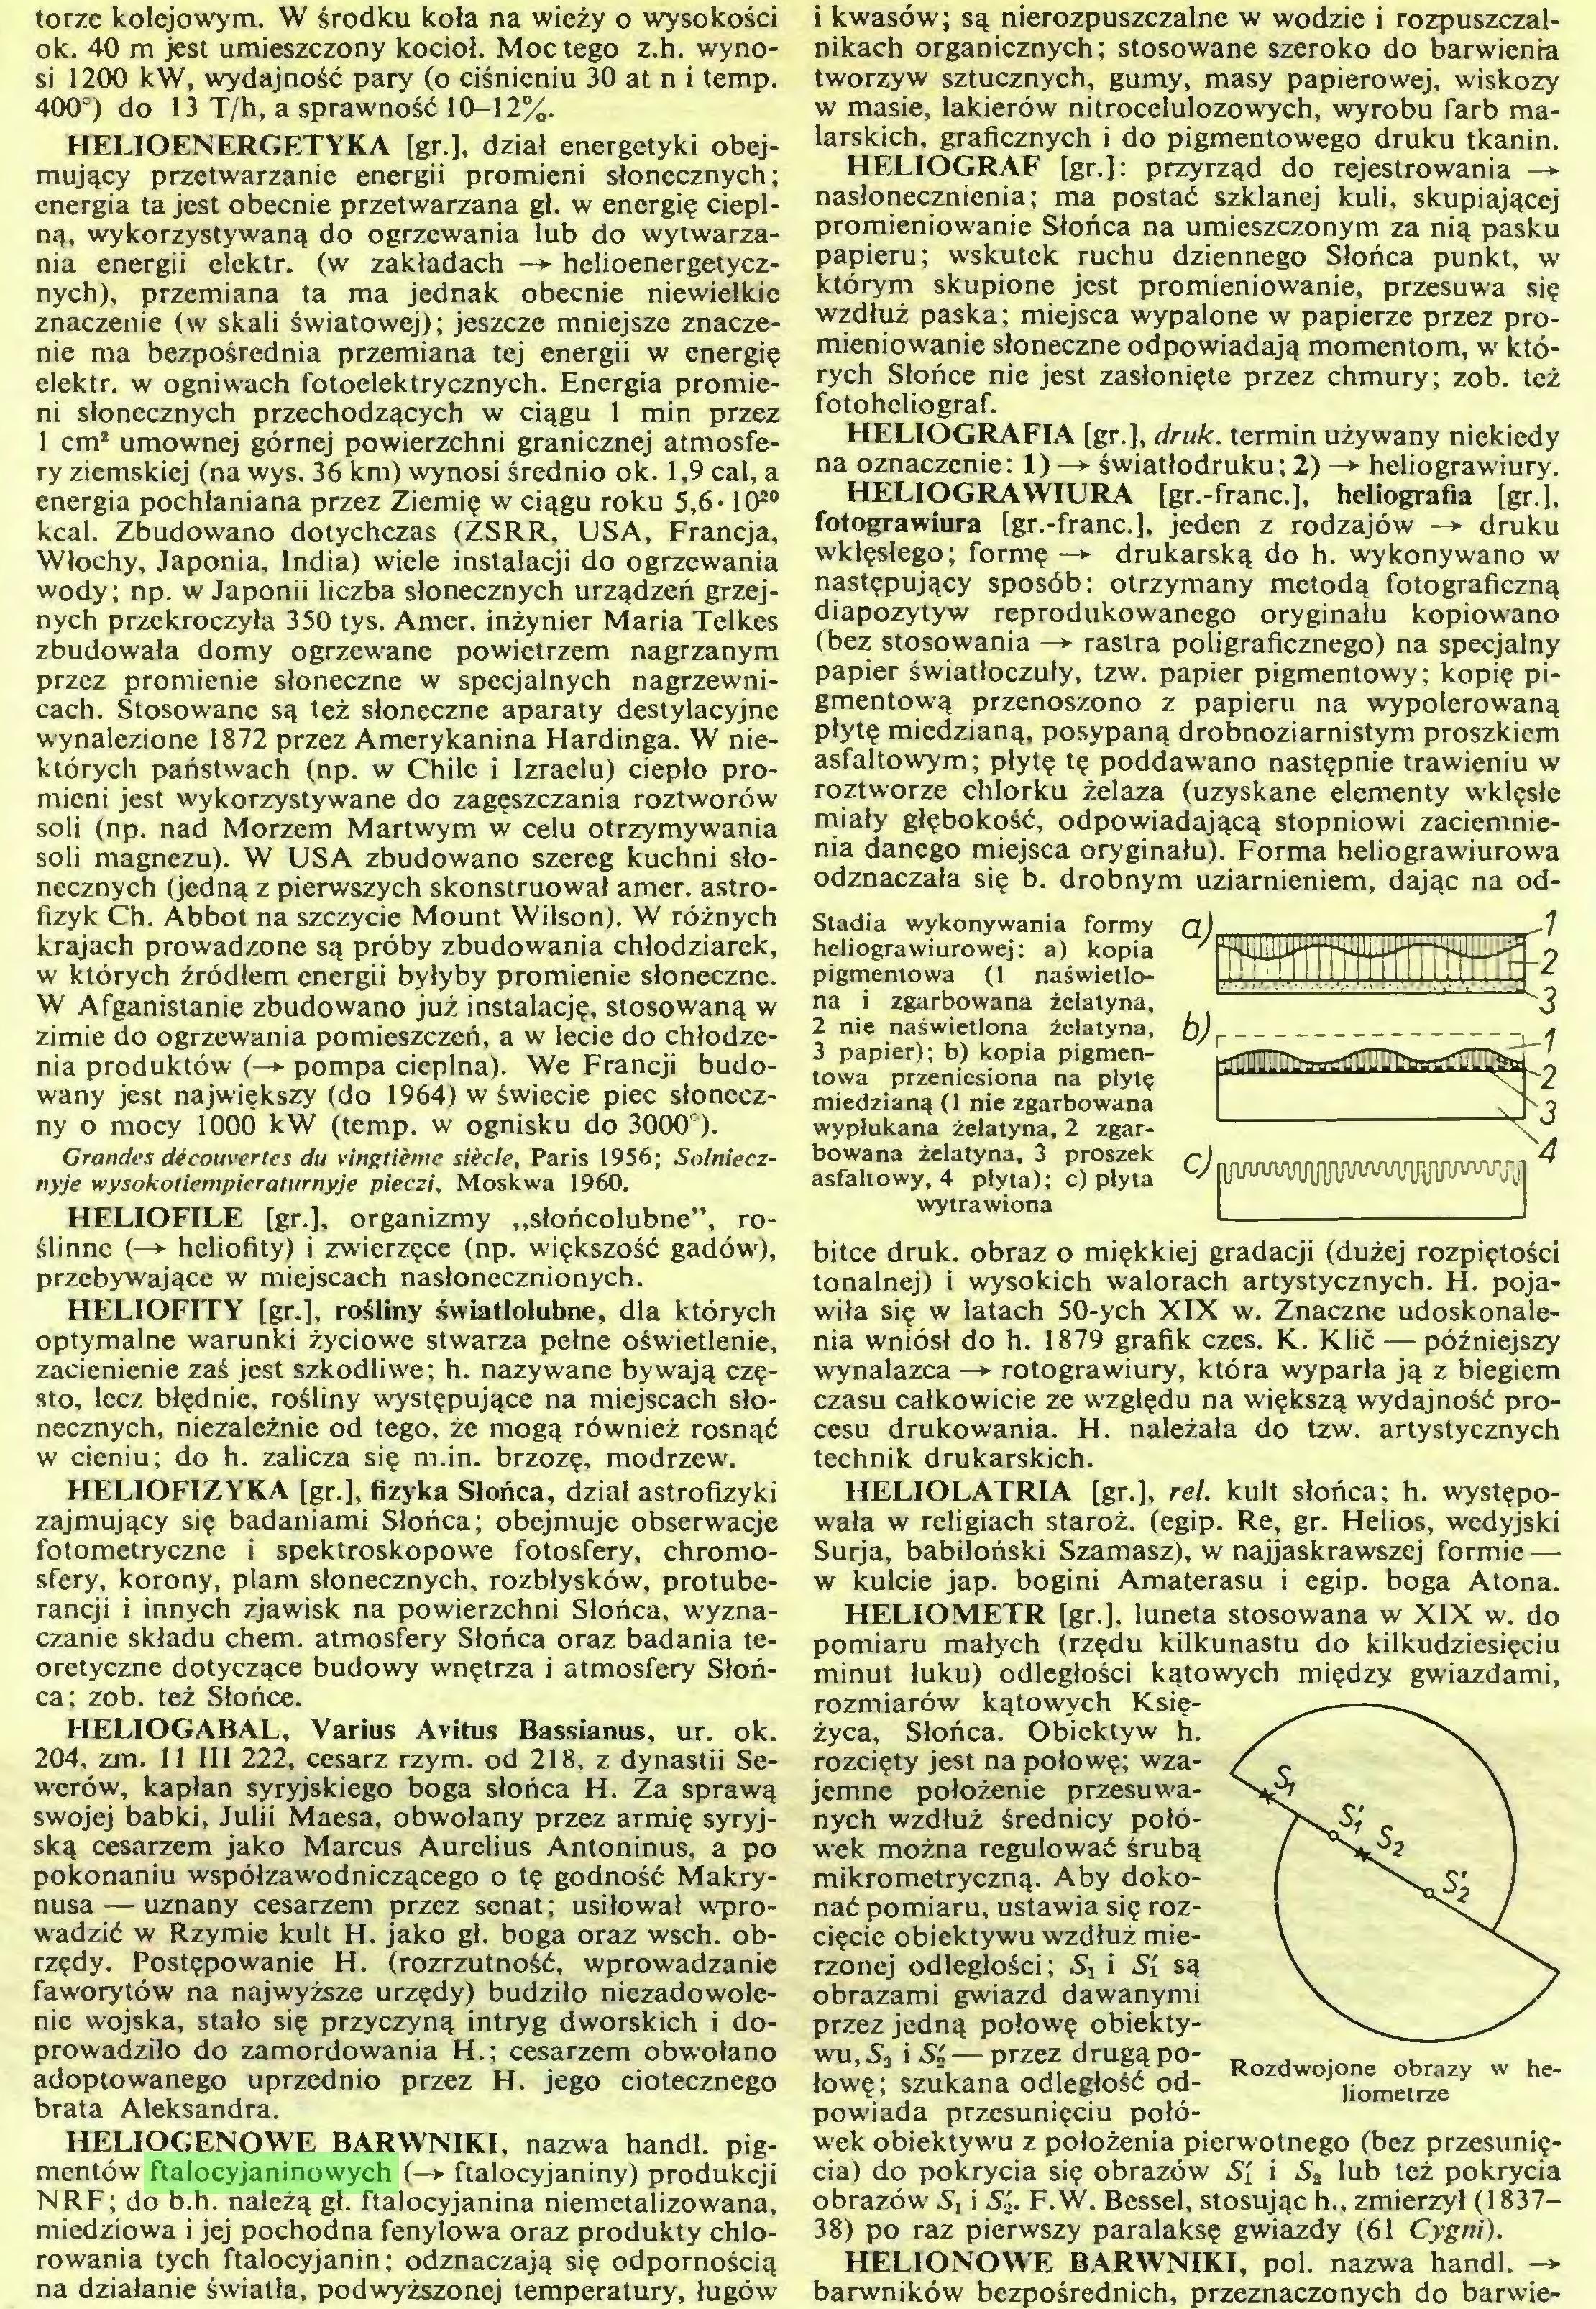 (...) HELIOGENOWE BARWNIKI, nazwa handl. pigmentów ftalocyjaninowych (-> ftalocyjaniny) produkcji NRF; do b.h. należą gł. ftalocyjanina niemetalizowana, miedziowa i jej pochodna fenylowa oraz produkty chlorowania tych ftalocyjanin; odznaczają się odpornością na działanie światła, podwyższonej temperatury, ługów i kwasów; są nierozpuszczalne w wodzie i rozpuszczalnikach organicznych; stosowane szeroko do barwienia tworzyw sztucznych, gumy, masy papierowej, wiskozy w masie, lakierów nitrocelulozowych, wyrobu farb malarskich. graficznych i do pigmentowego druku tkanin...